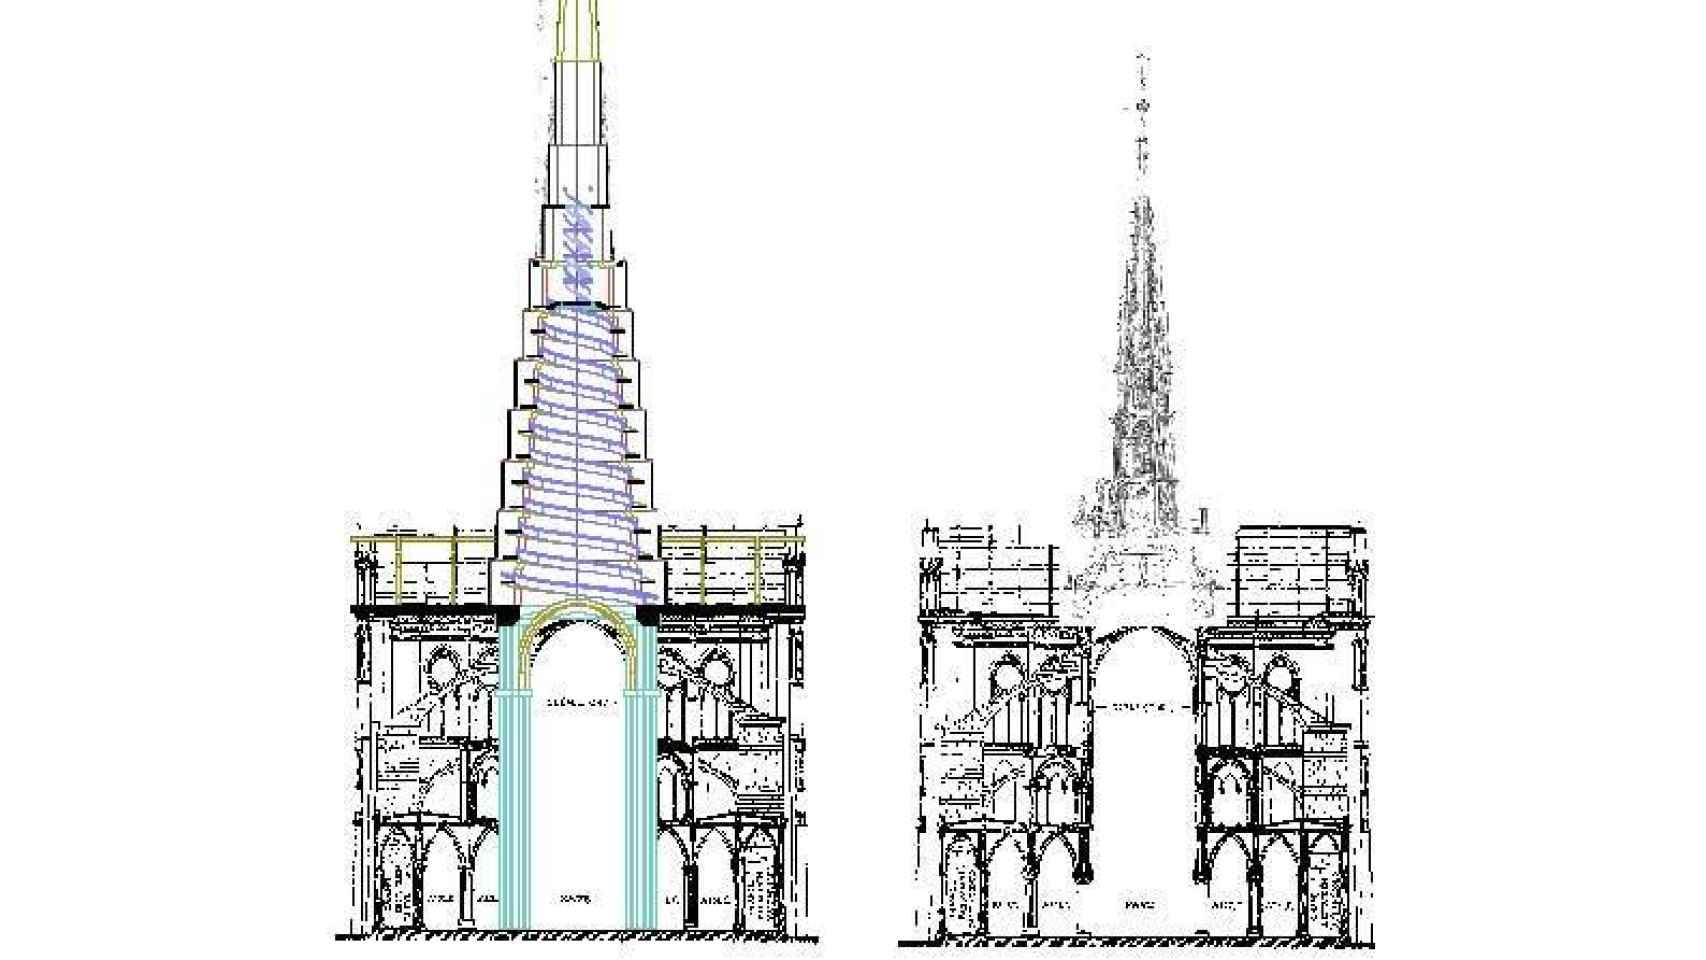 Sección vertical del templo por la nave del crucero con la aguja sobreelevada siguiendo su propio ángulo natural hasta llegar a apoyar en los 4 pilares del crucero